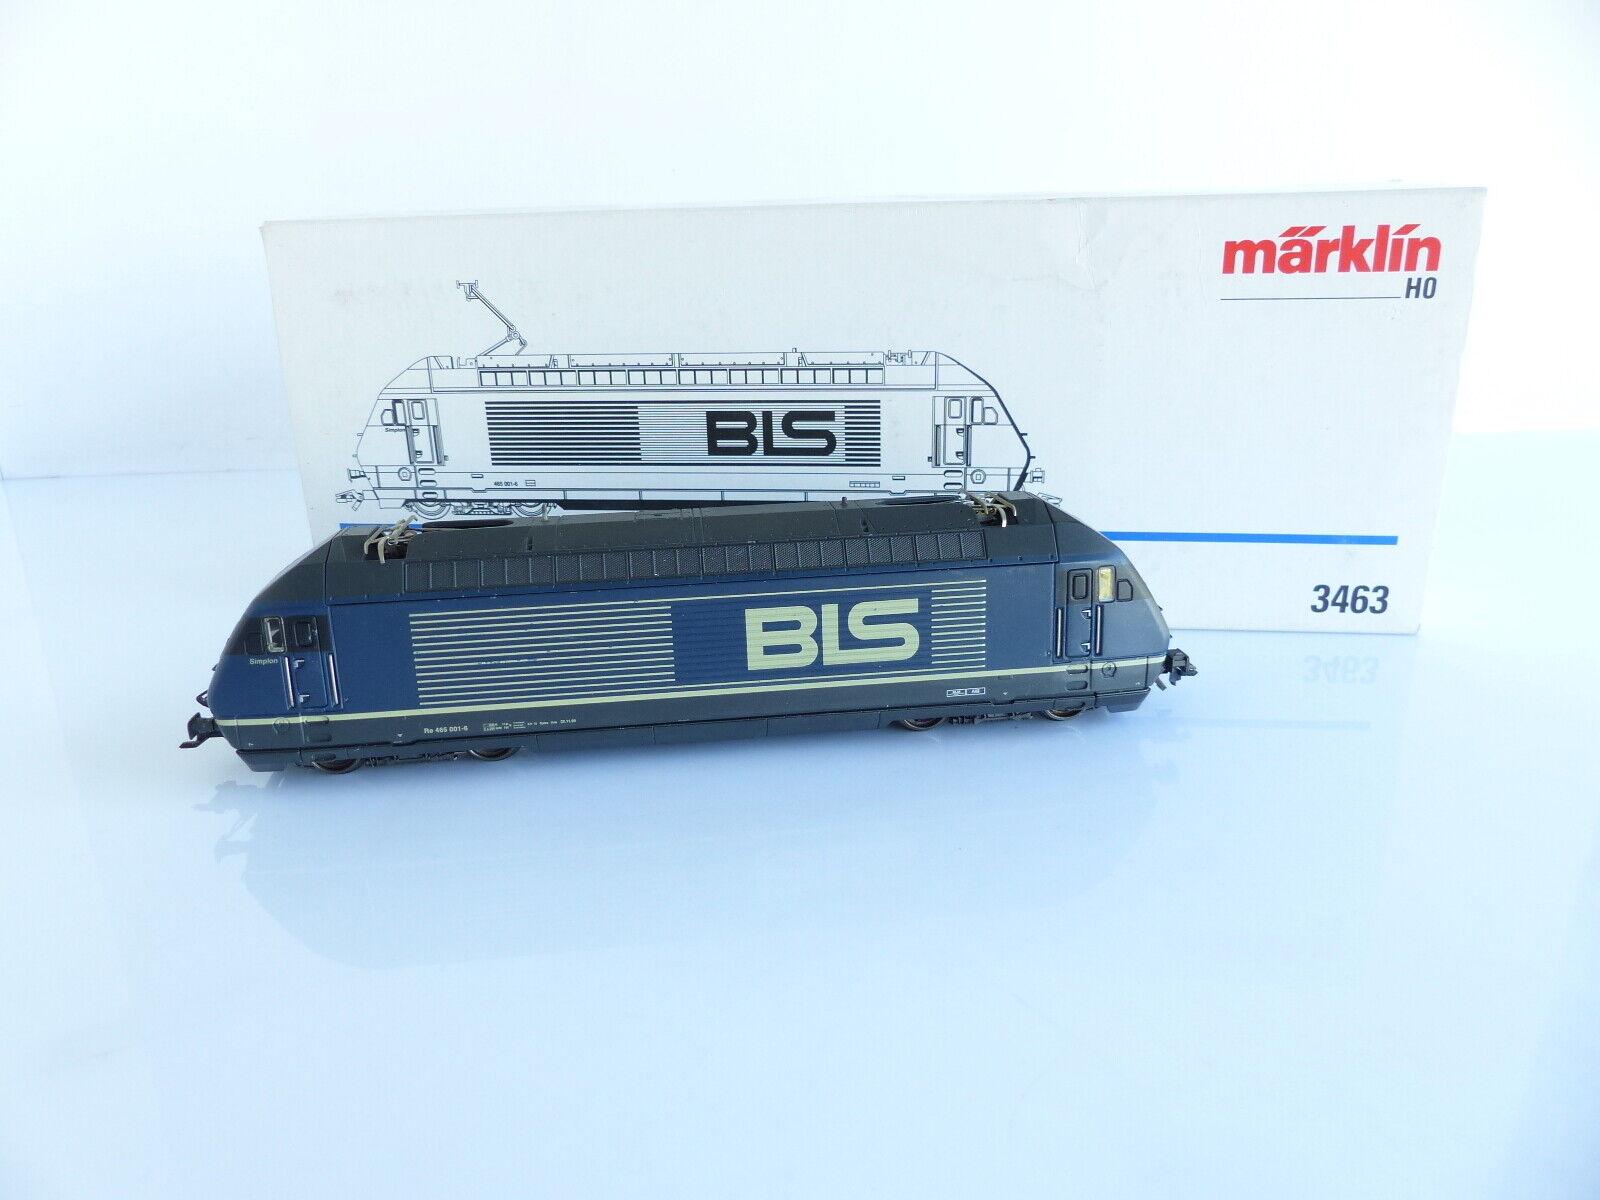 Marklin 3463 electric locomotive re 465 001-6 bls